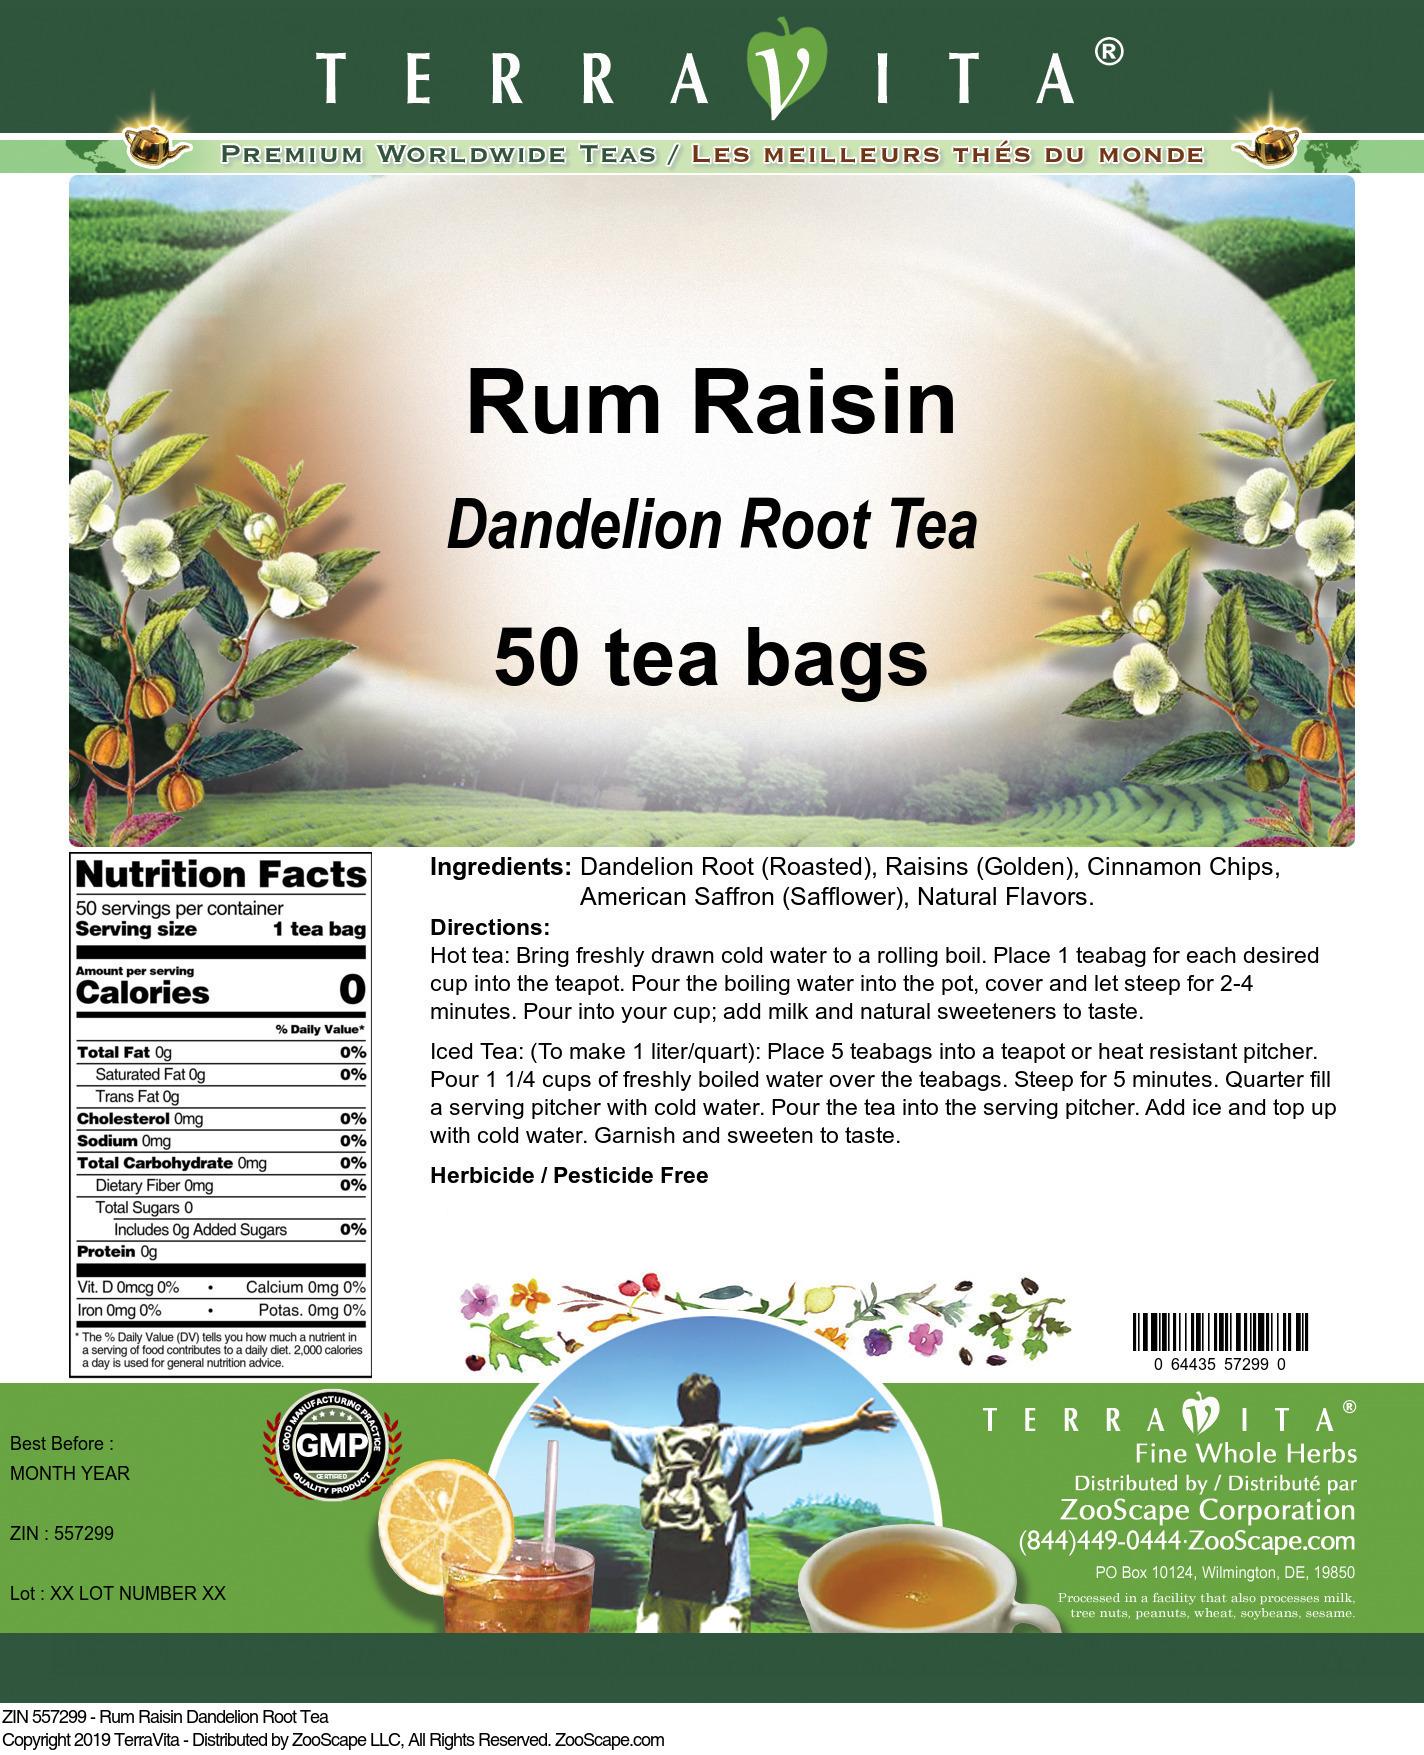 Rum Raisin Dandelion Root Tea